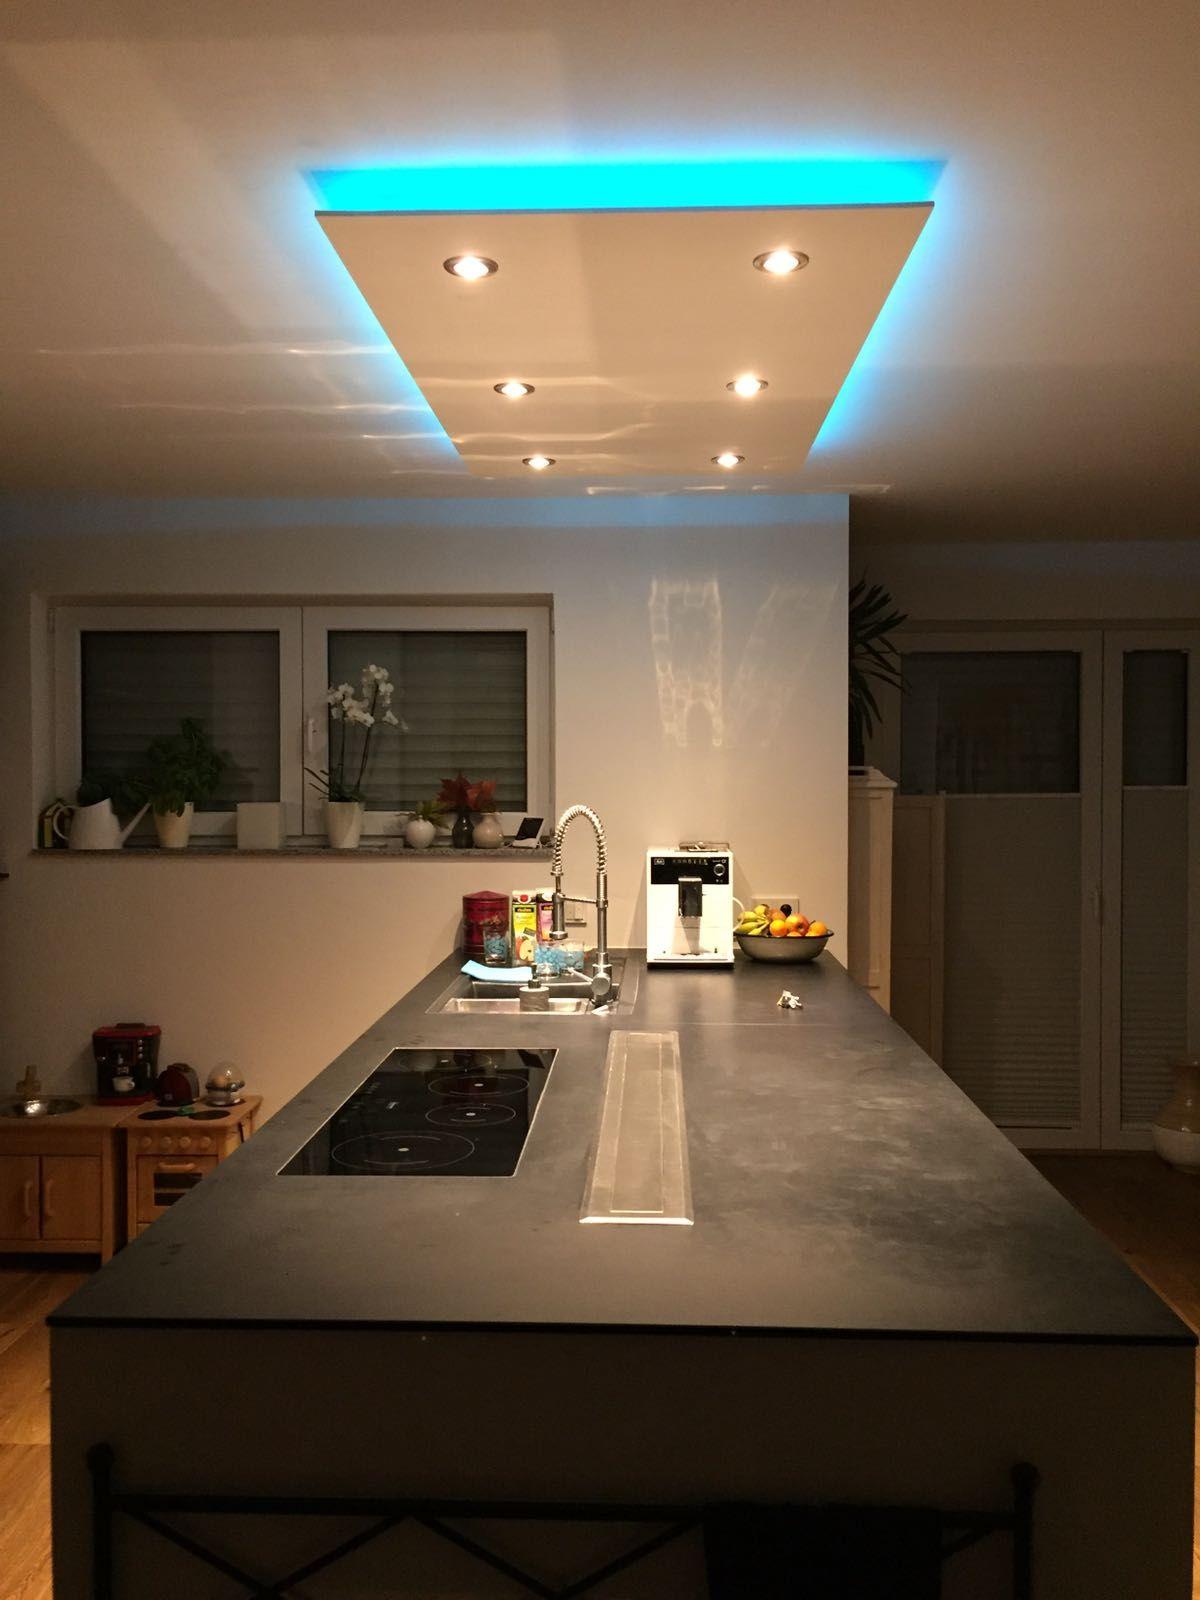 Beeindruckende Kundenbilder jetzt ansehen weisses badezimmer Küchenbeleuchtung, Beleuchtung